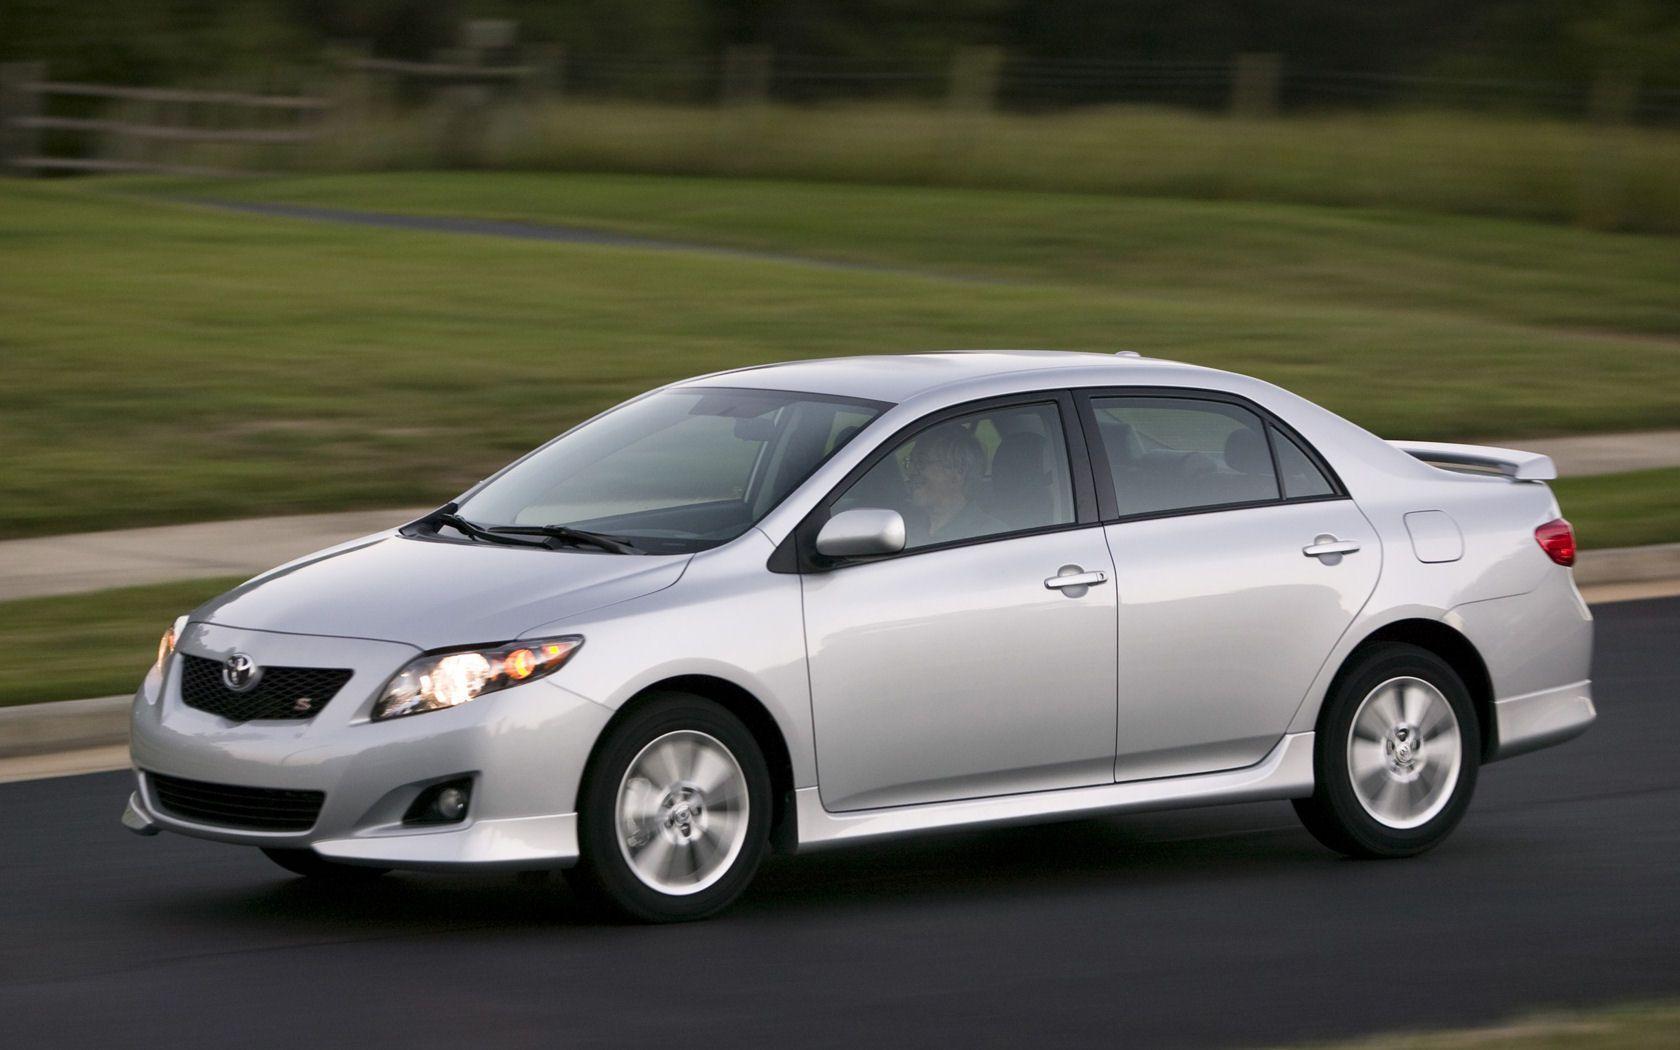 Toyota Corolla CE, S, LE, XRS - Free Widescreen Wallpaper ...